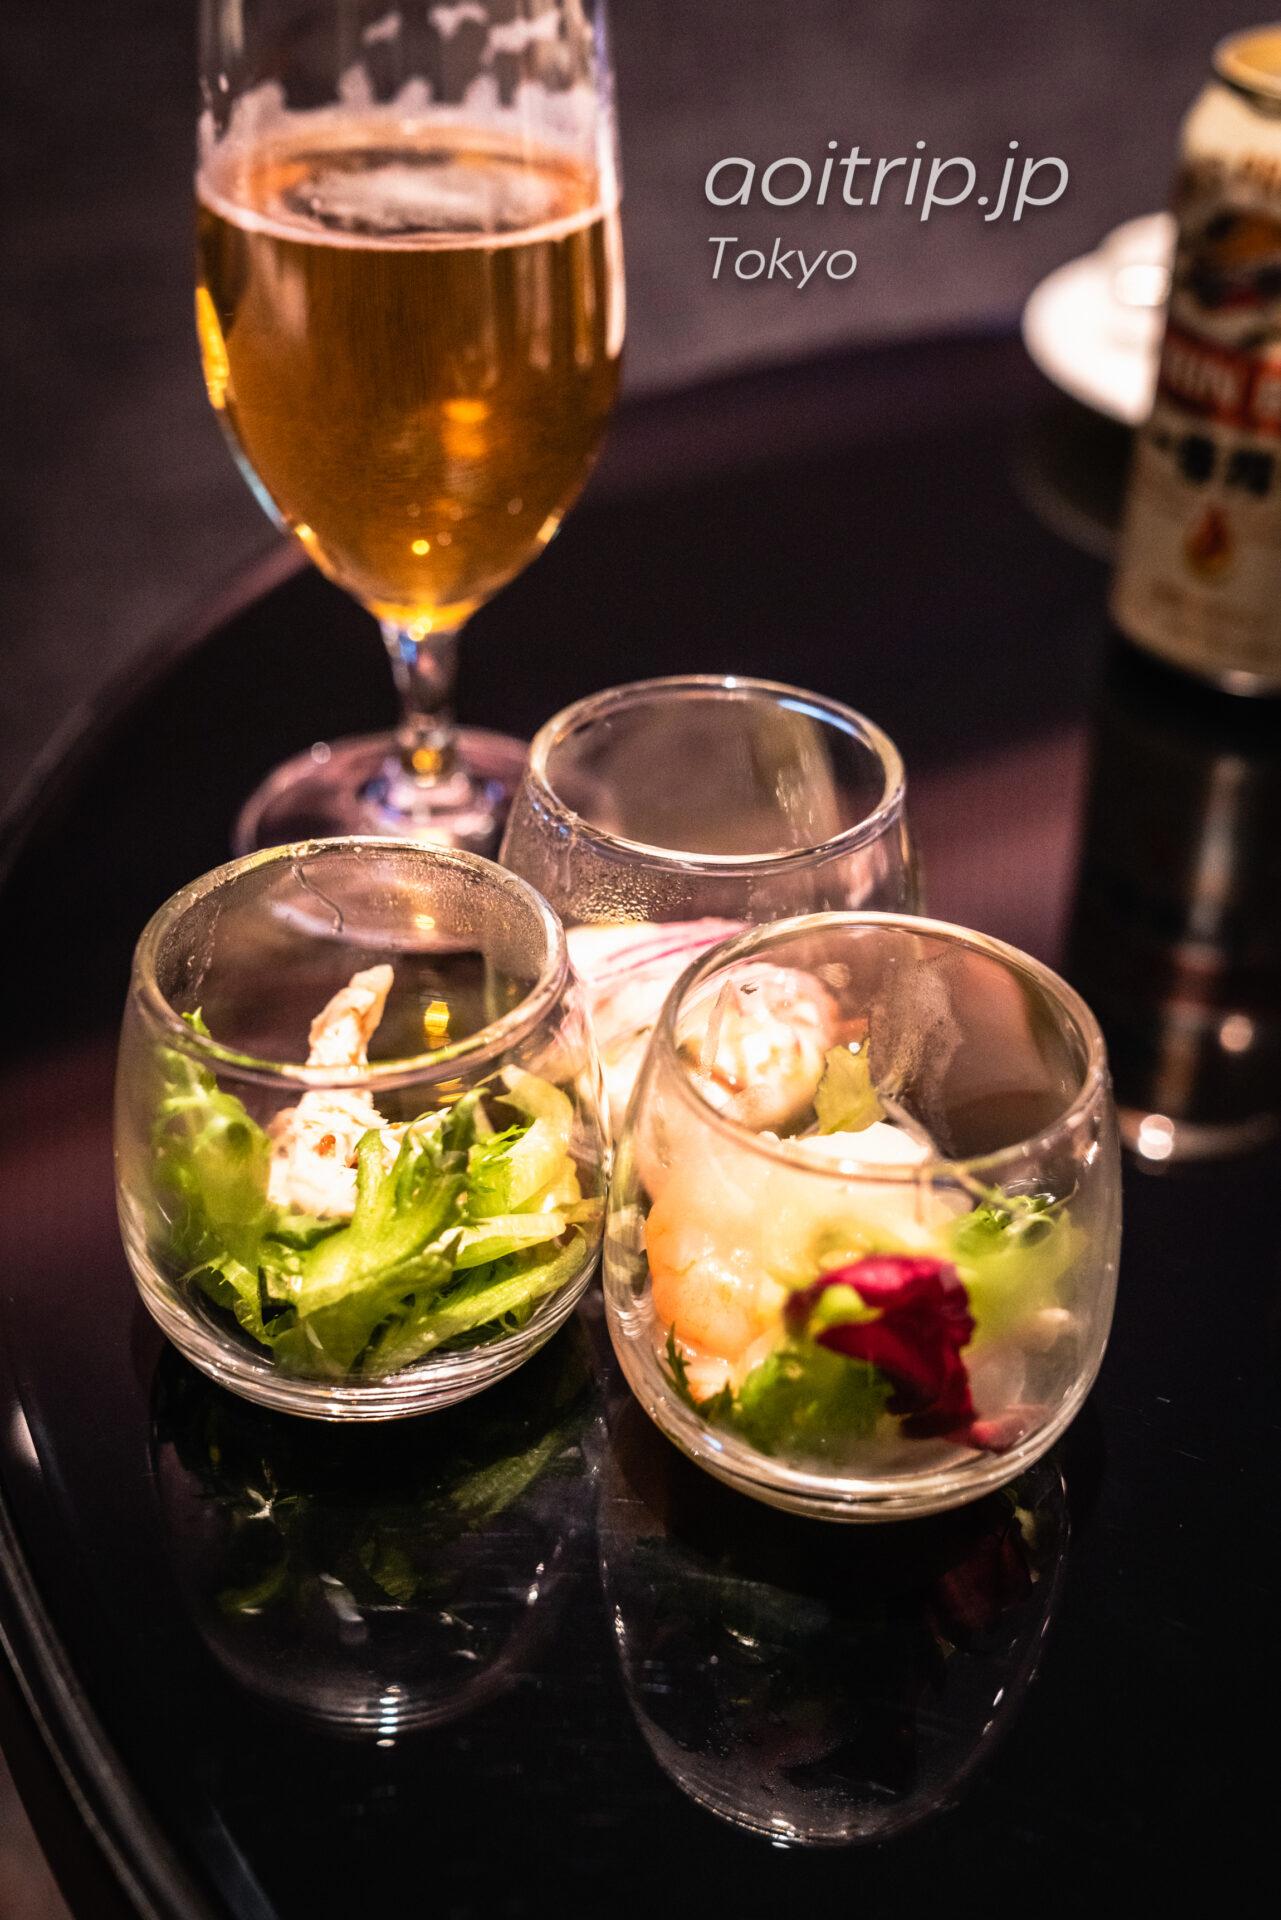 シェラトン都ホテル東京(Sheraton Miyako Hotel Tokyo)クラブラウンジ Club Lounge カクテルタイム